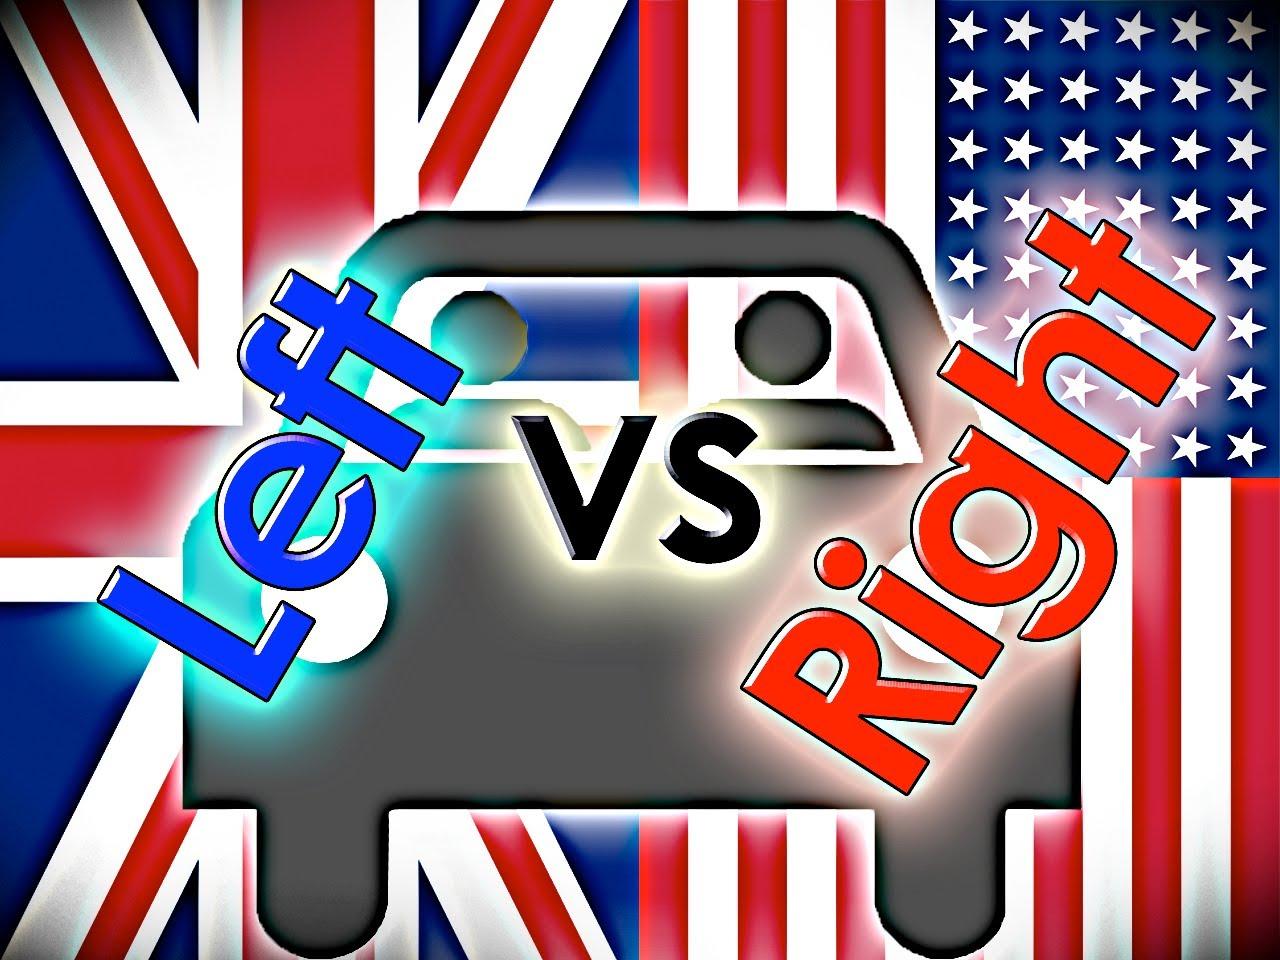 為什麼有左駕、右駕之分呢?讓歷史說給你聽!